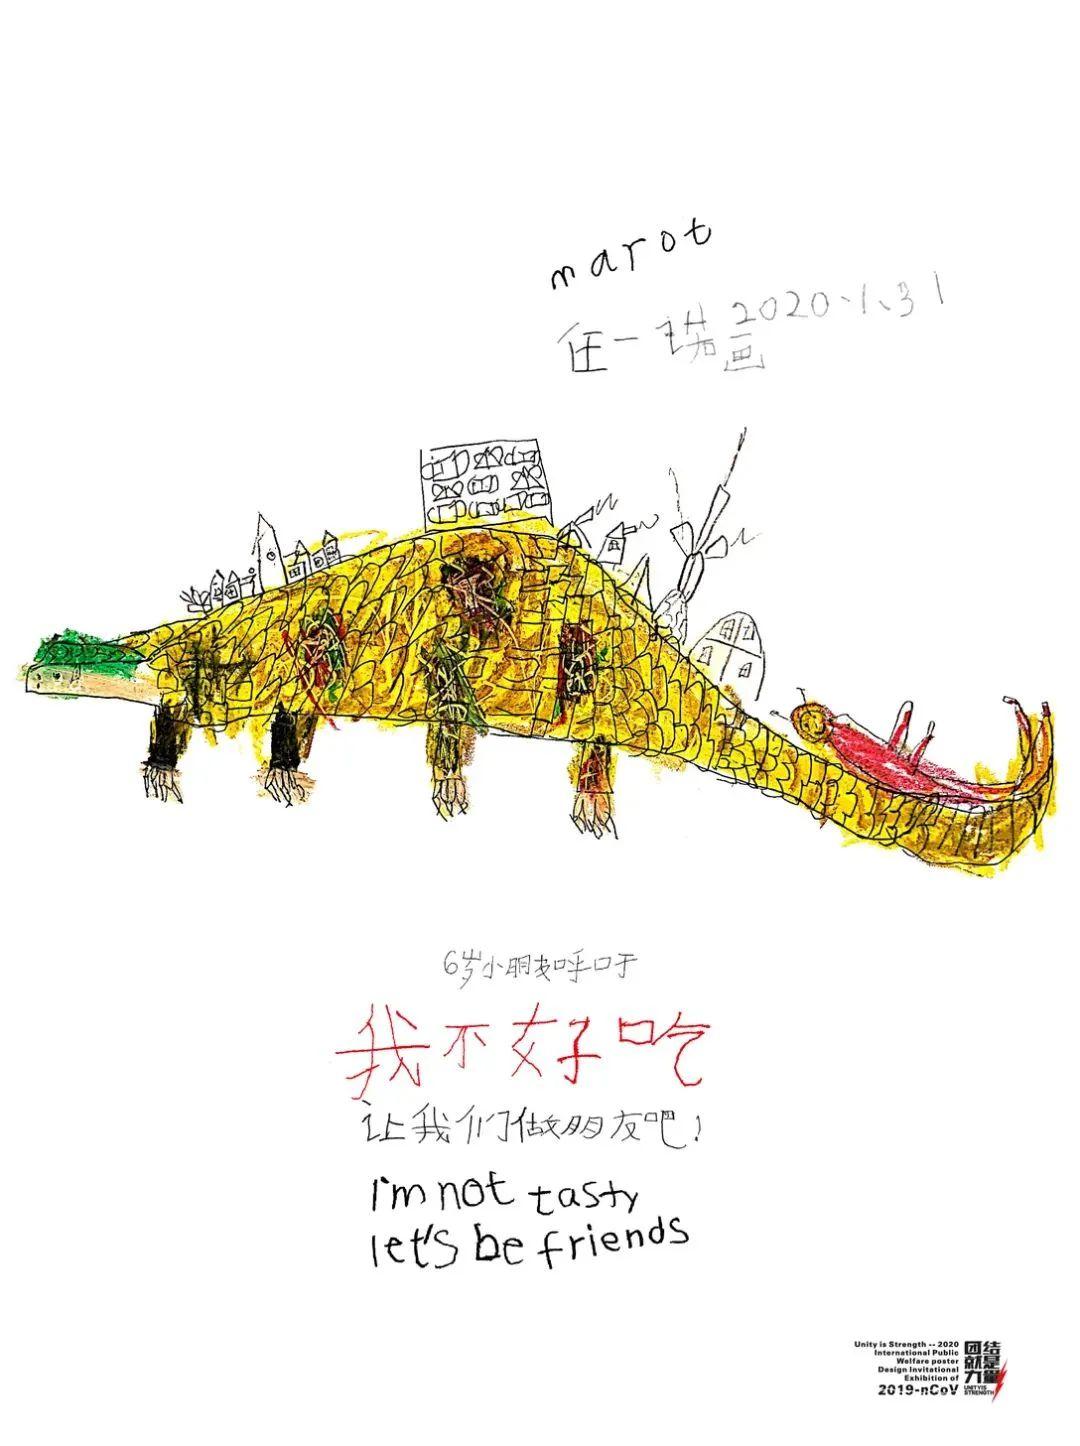 6岁蒙古族小设计师用插画拯救野生动物,为抗疫助力! 第8张